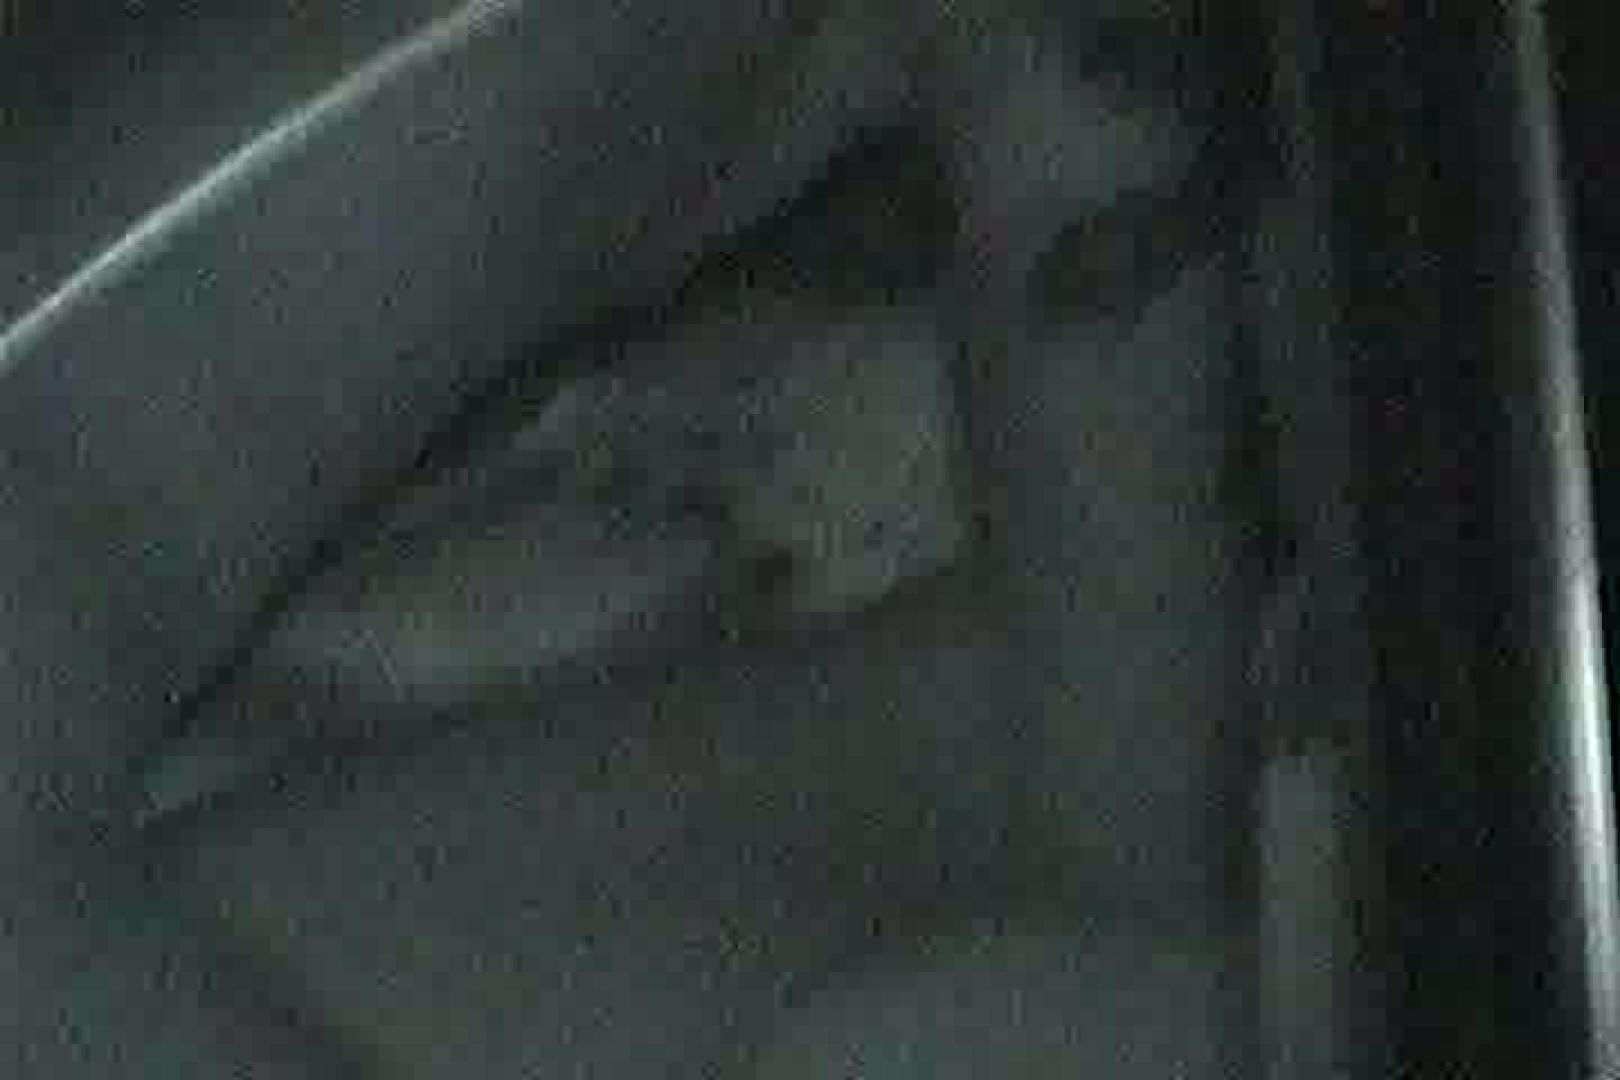 充血監督の深夜の運動会Vol.103 OLの実態 覗き性交動画流出 92pic 10